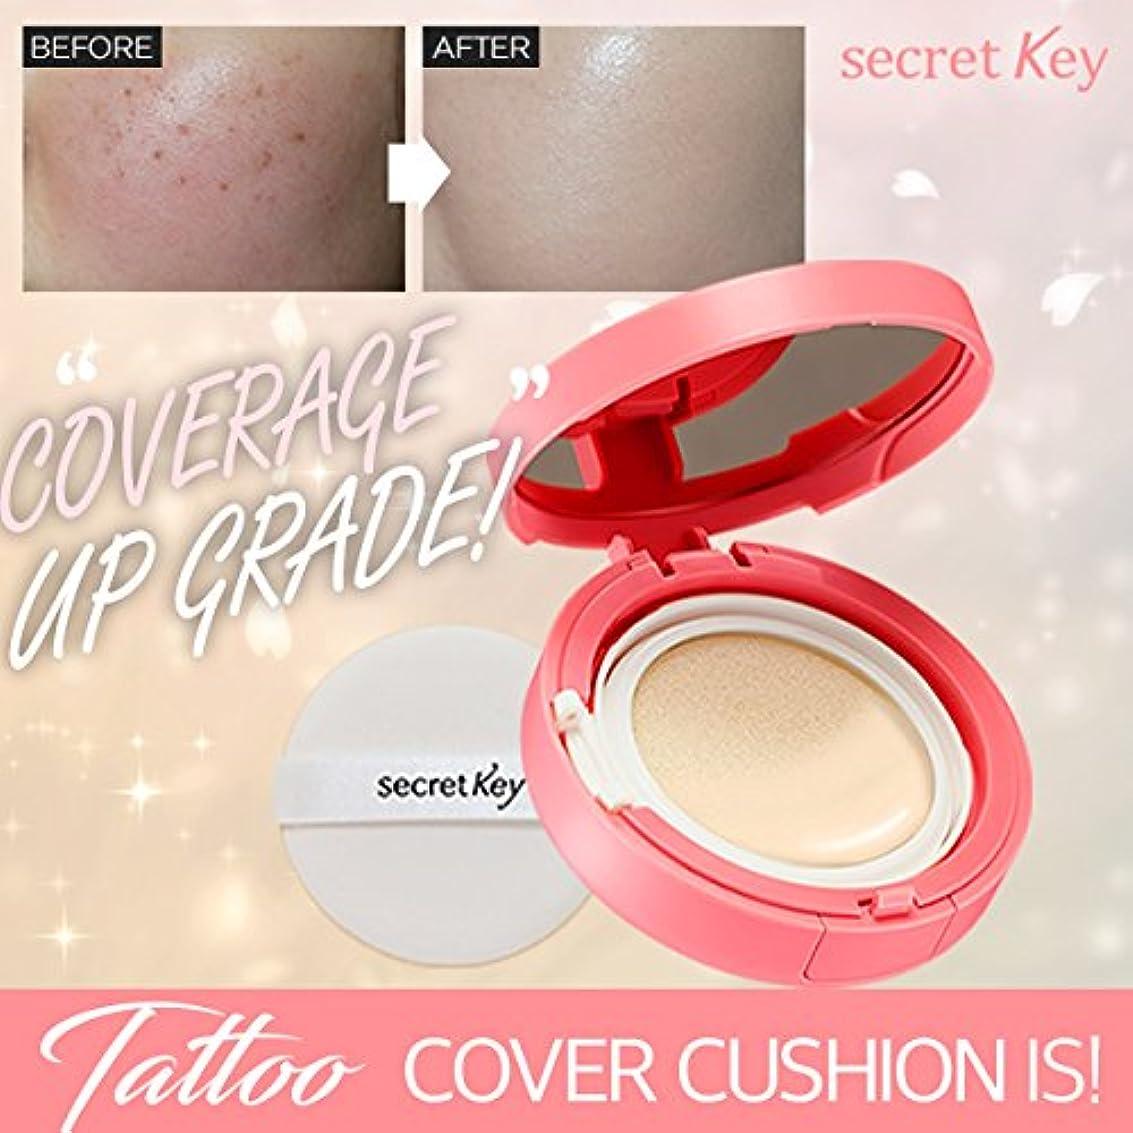 咲くパイプイタリックSecretkey シークレットキー タトゥーカバークッション14g ピンクエディション 期間限定 Tattoo Cover Cushion Pink Edition 海外直送品 (ナチュラルベージュ23号)